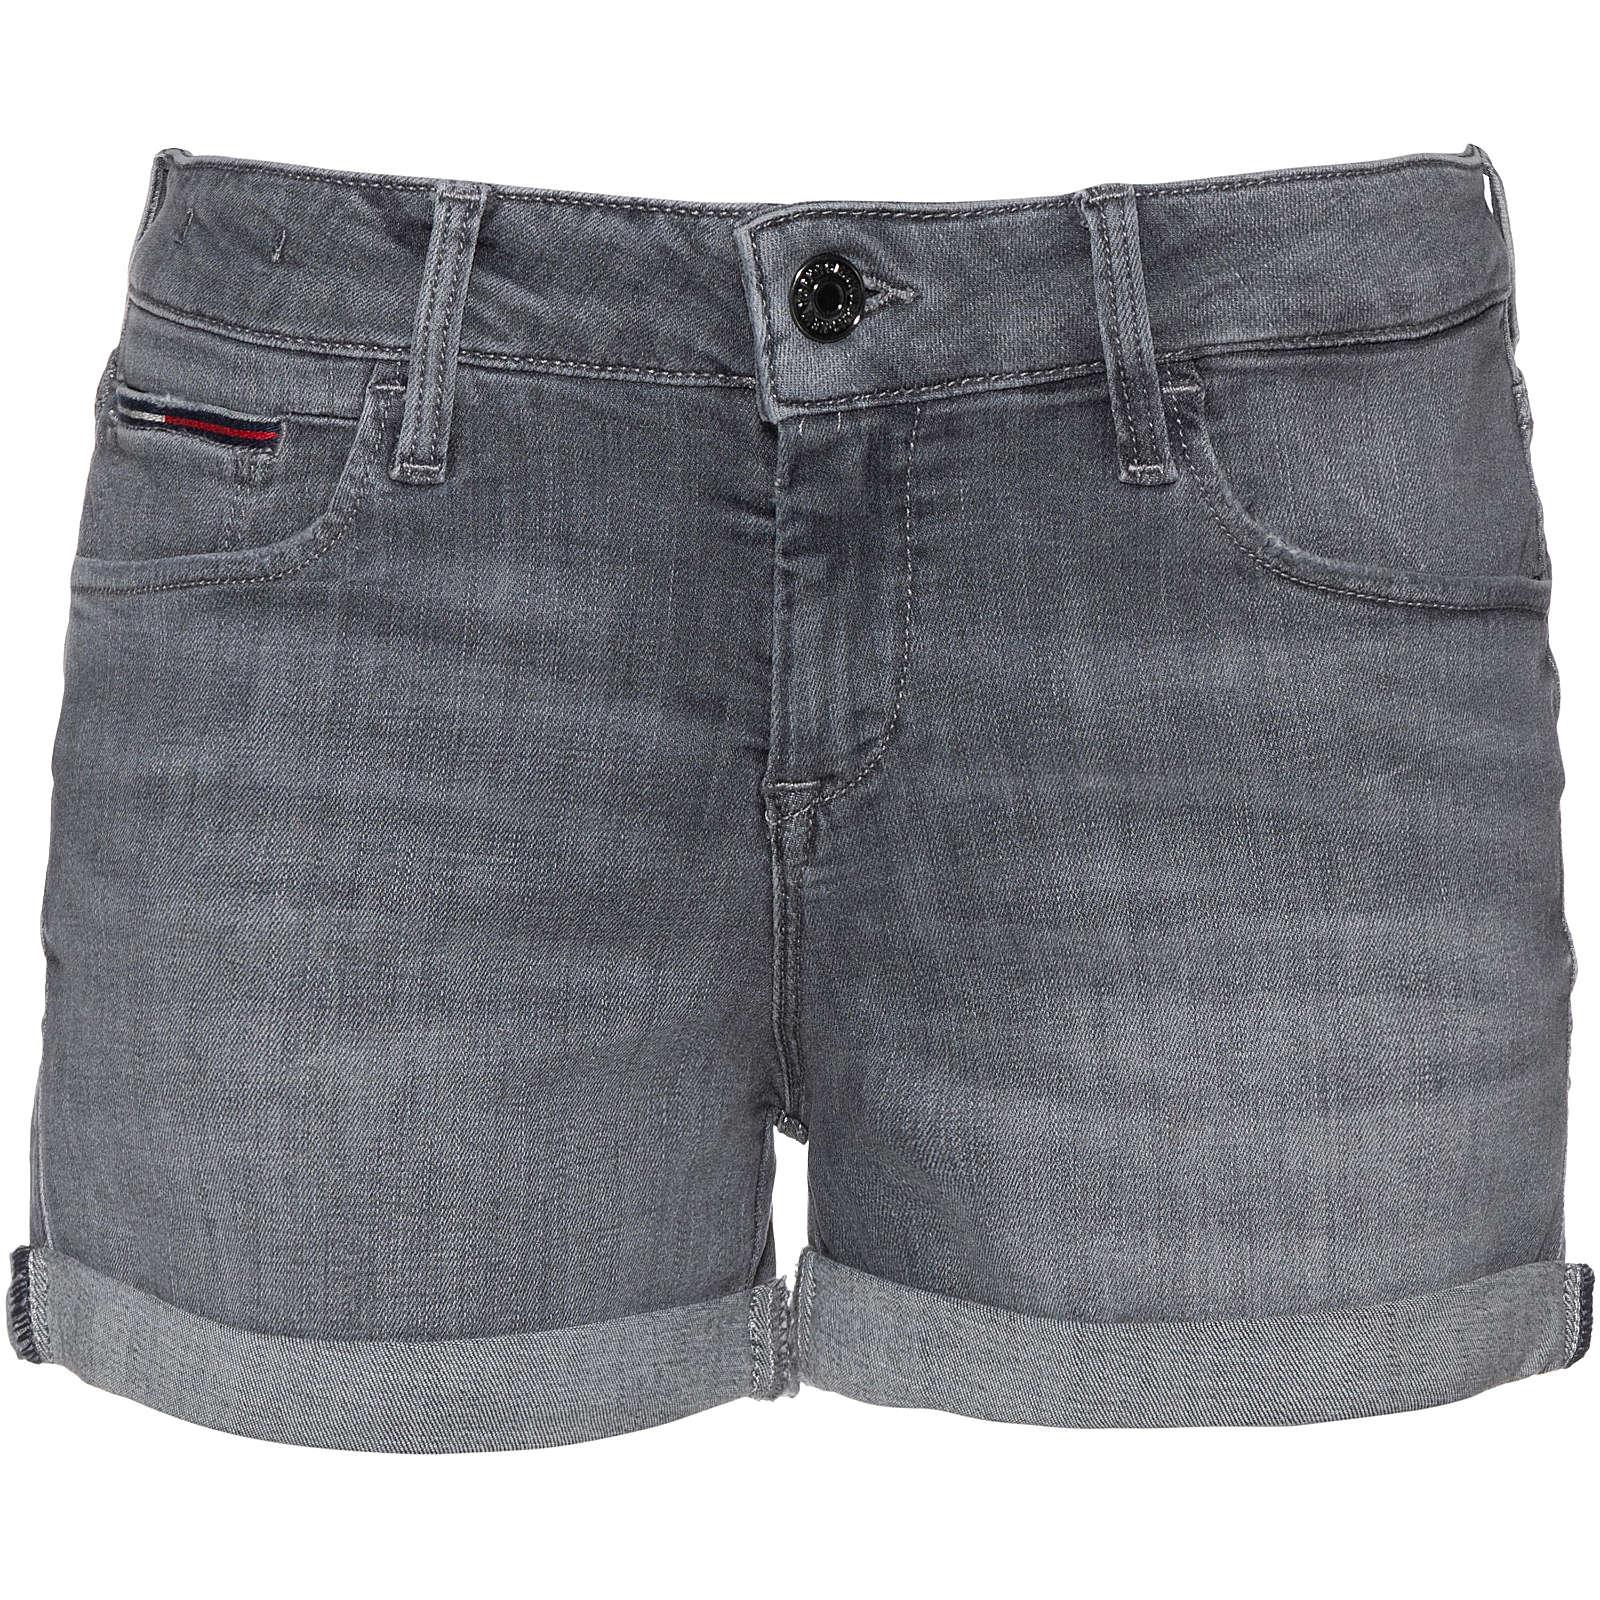 Tommy Jeans Jeansshorts Jeansshorts grau Damen Gr. 30